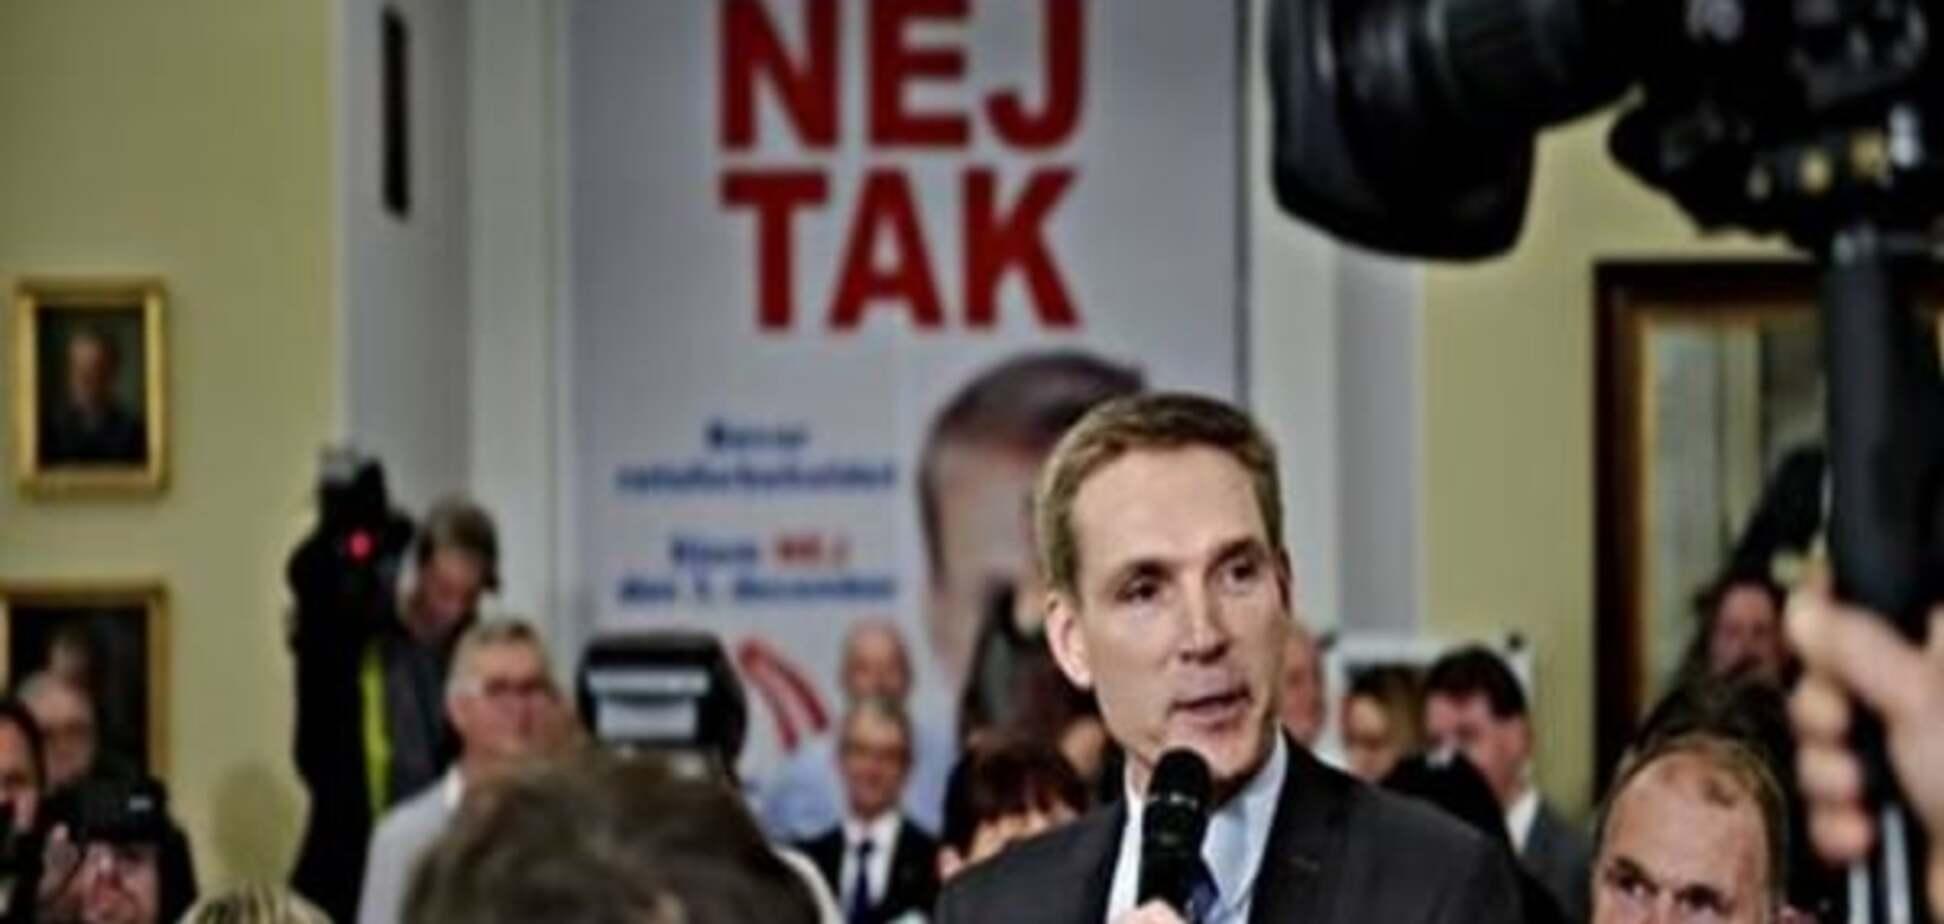 Данці висловилися проти тіснішої співпраці в ЄС у сфері безпеки